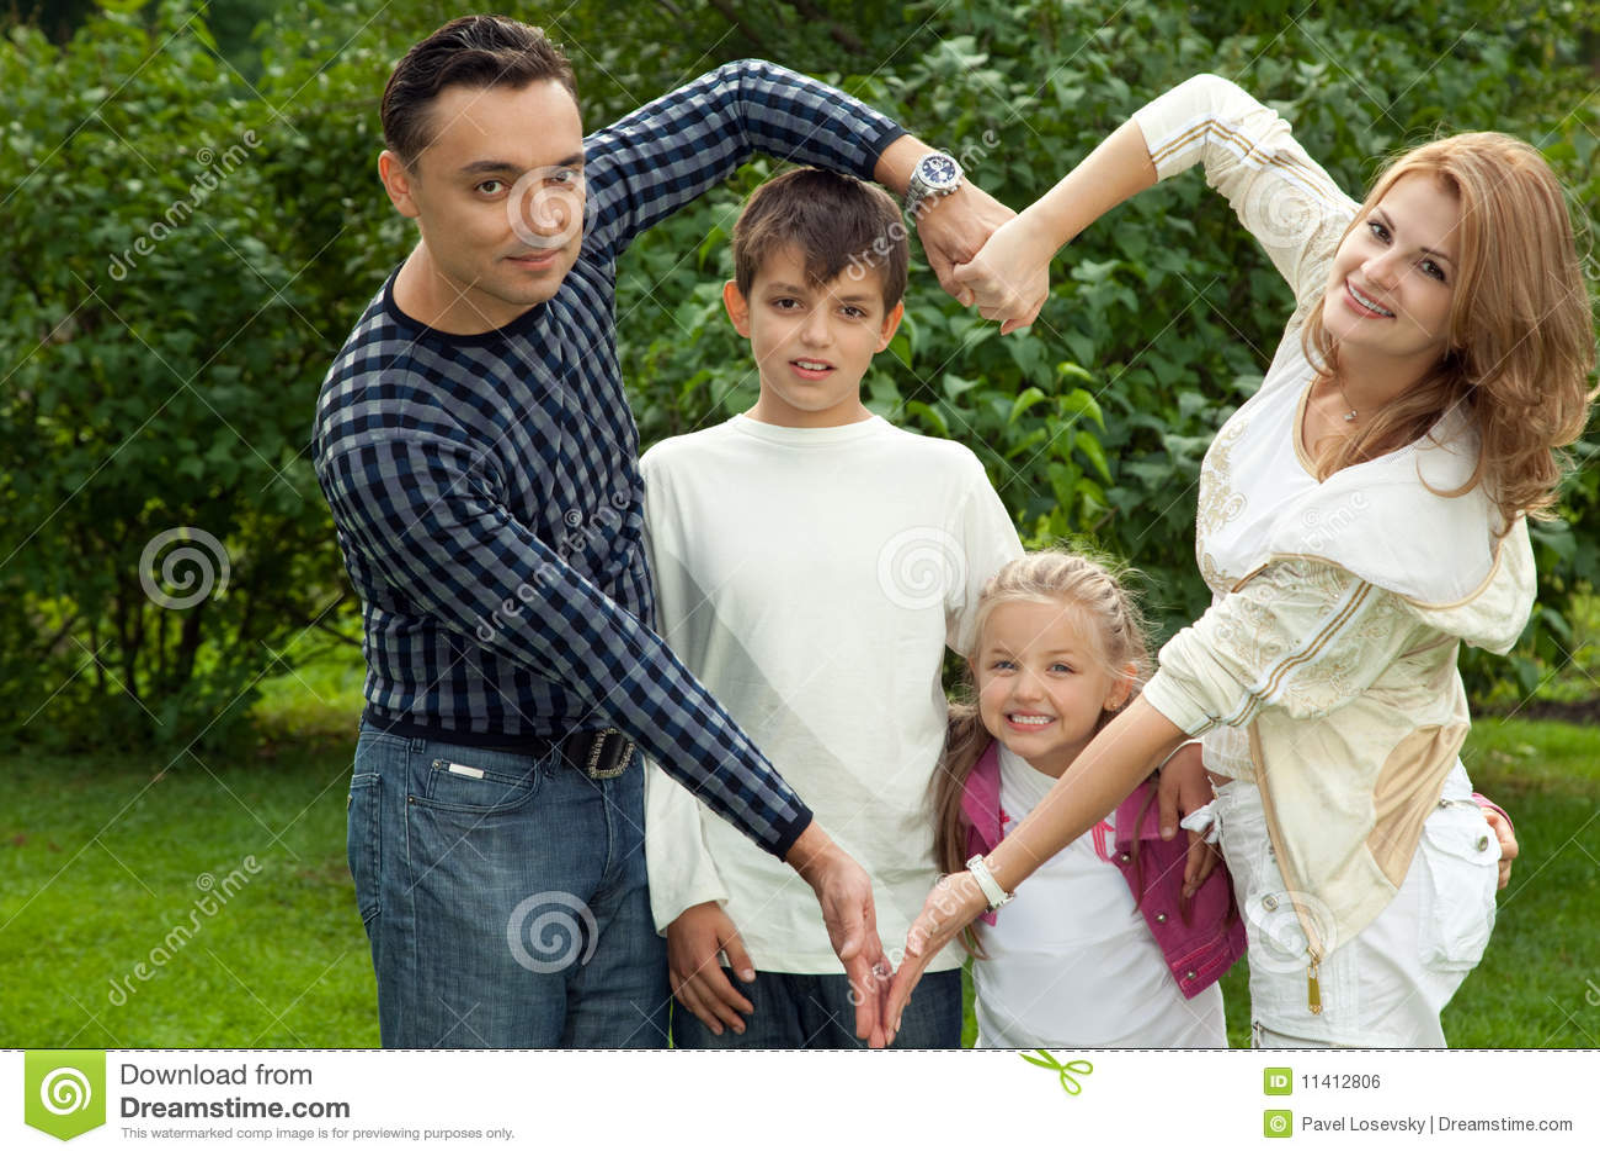 Присоединился к родителям 12 фотография